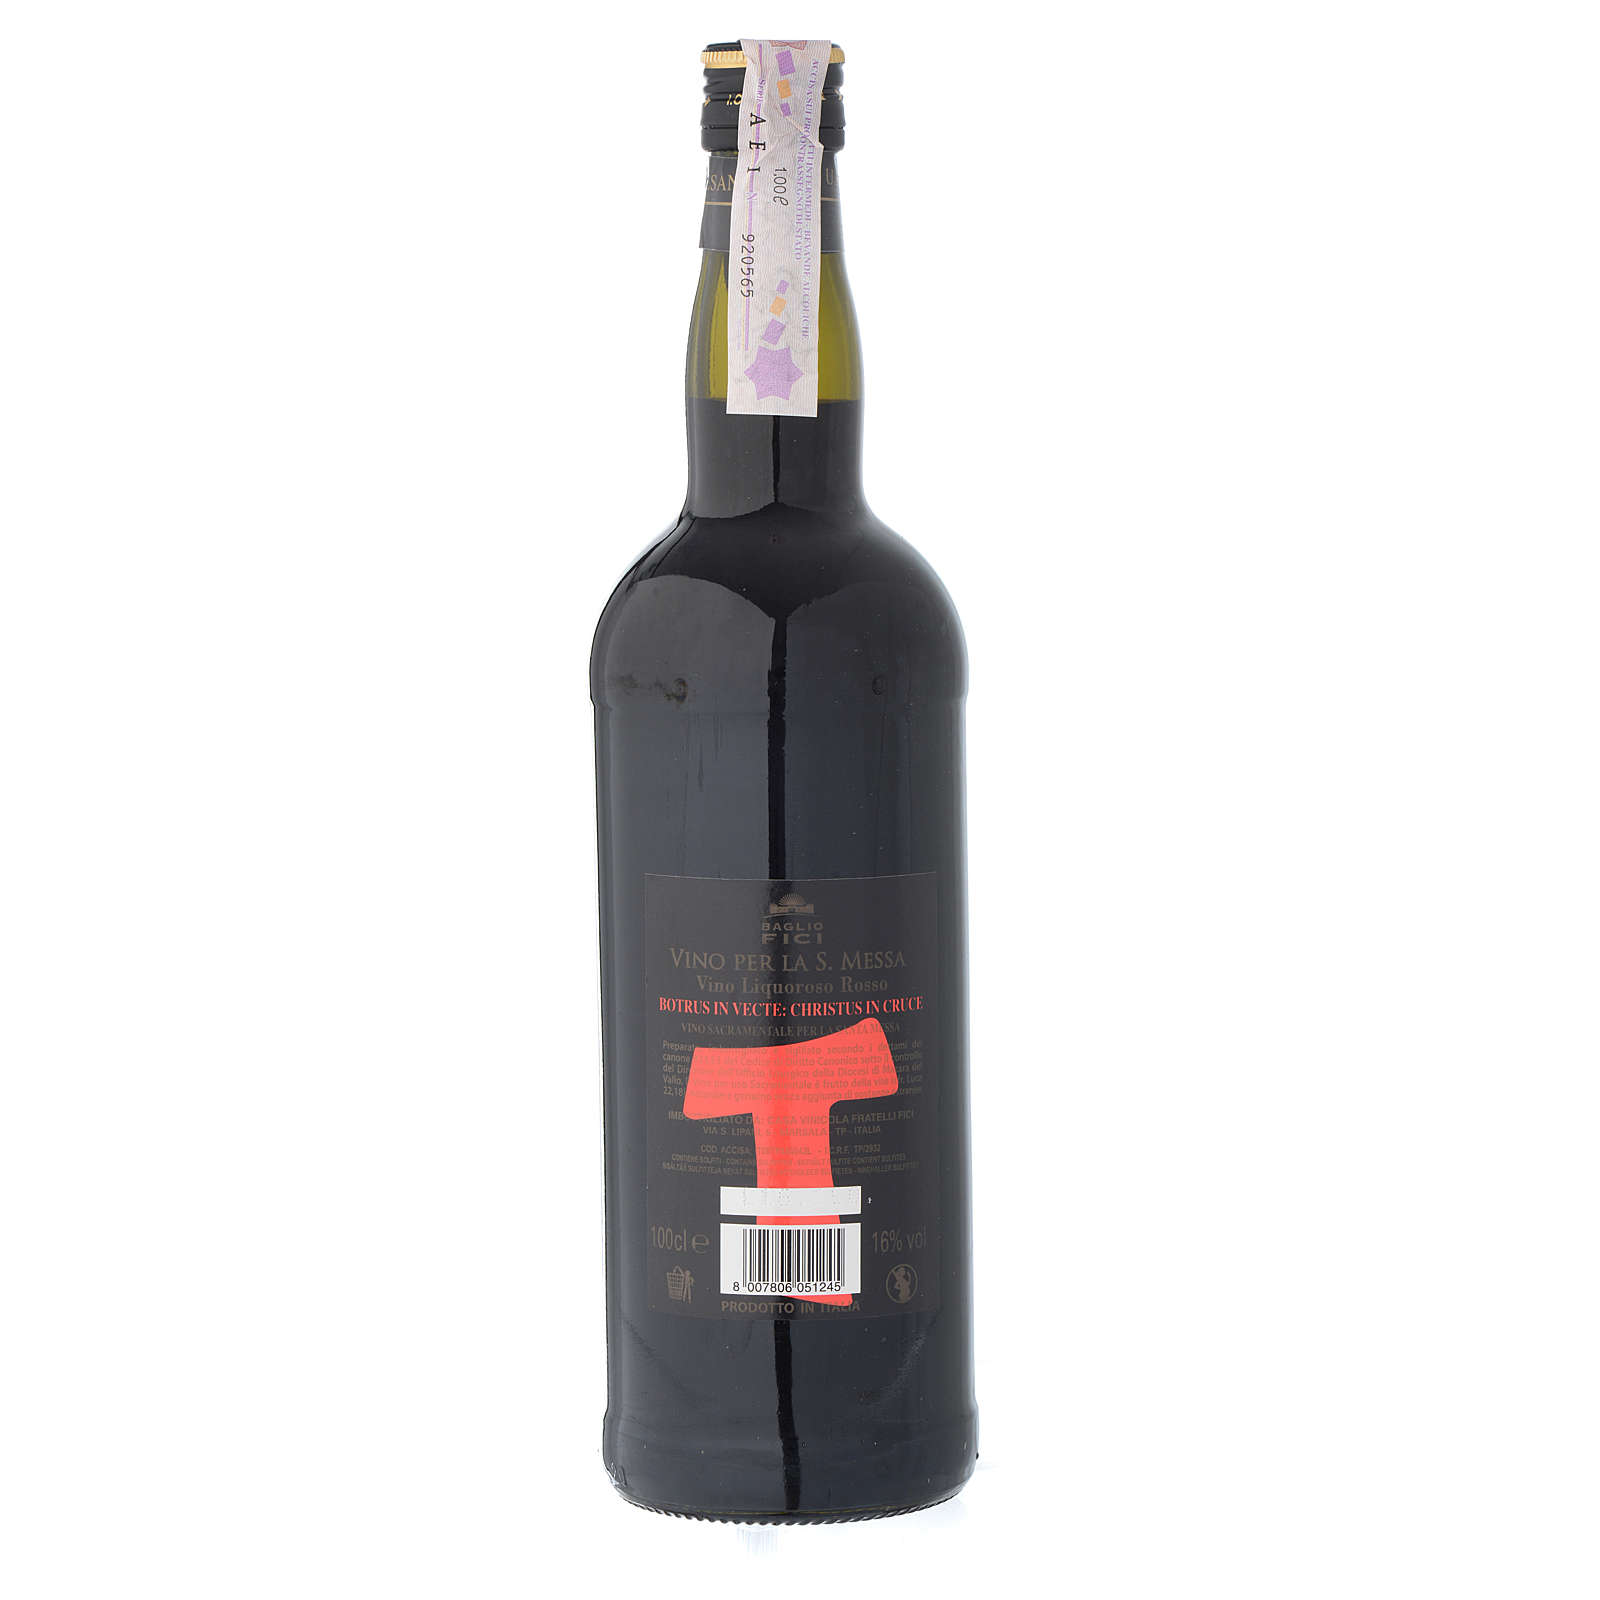 Vinho de Missa Marsala Sicília licoroso tinto 3